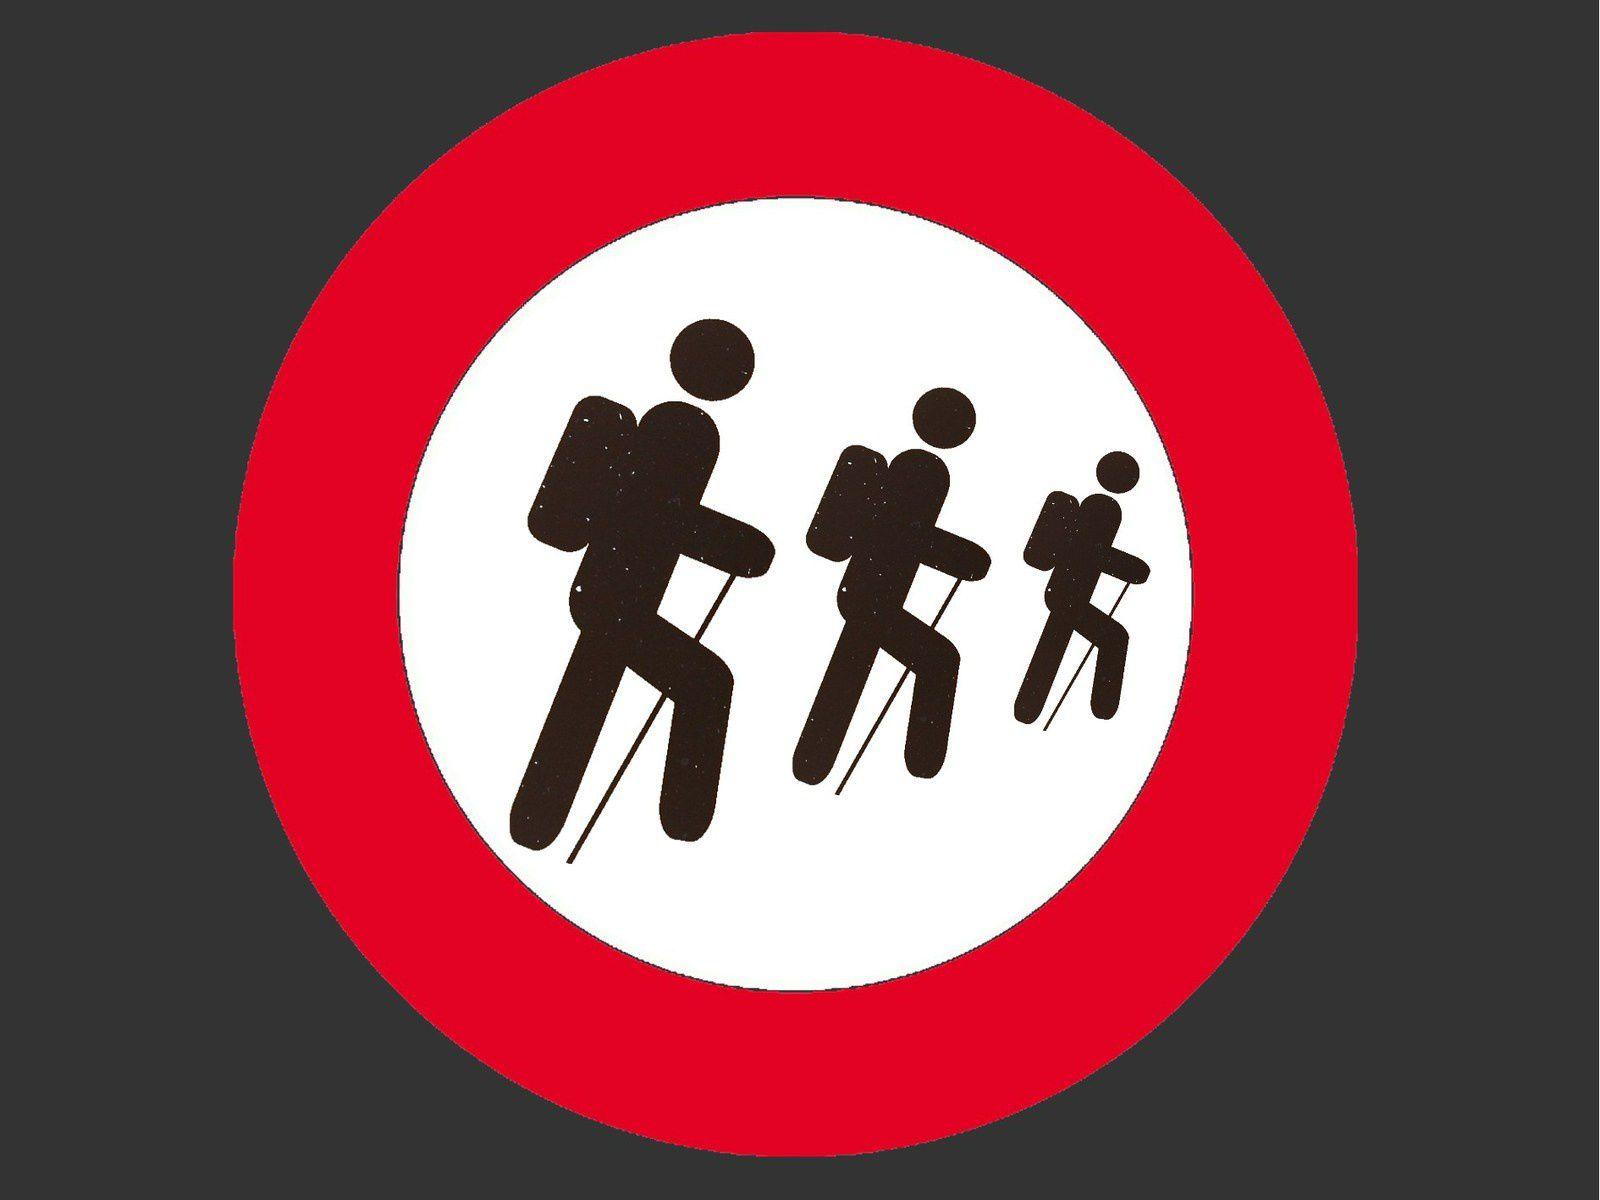 Sur les crêtes des Vosges : un panneau d'interdiction à destination des randonneurs